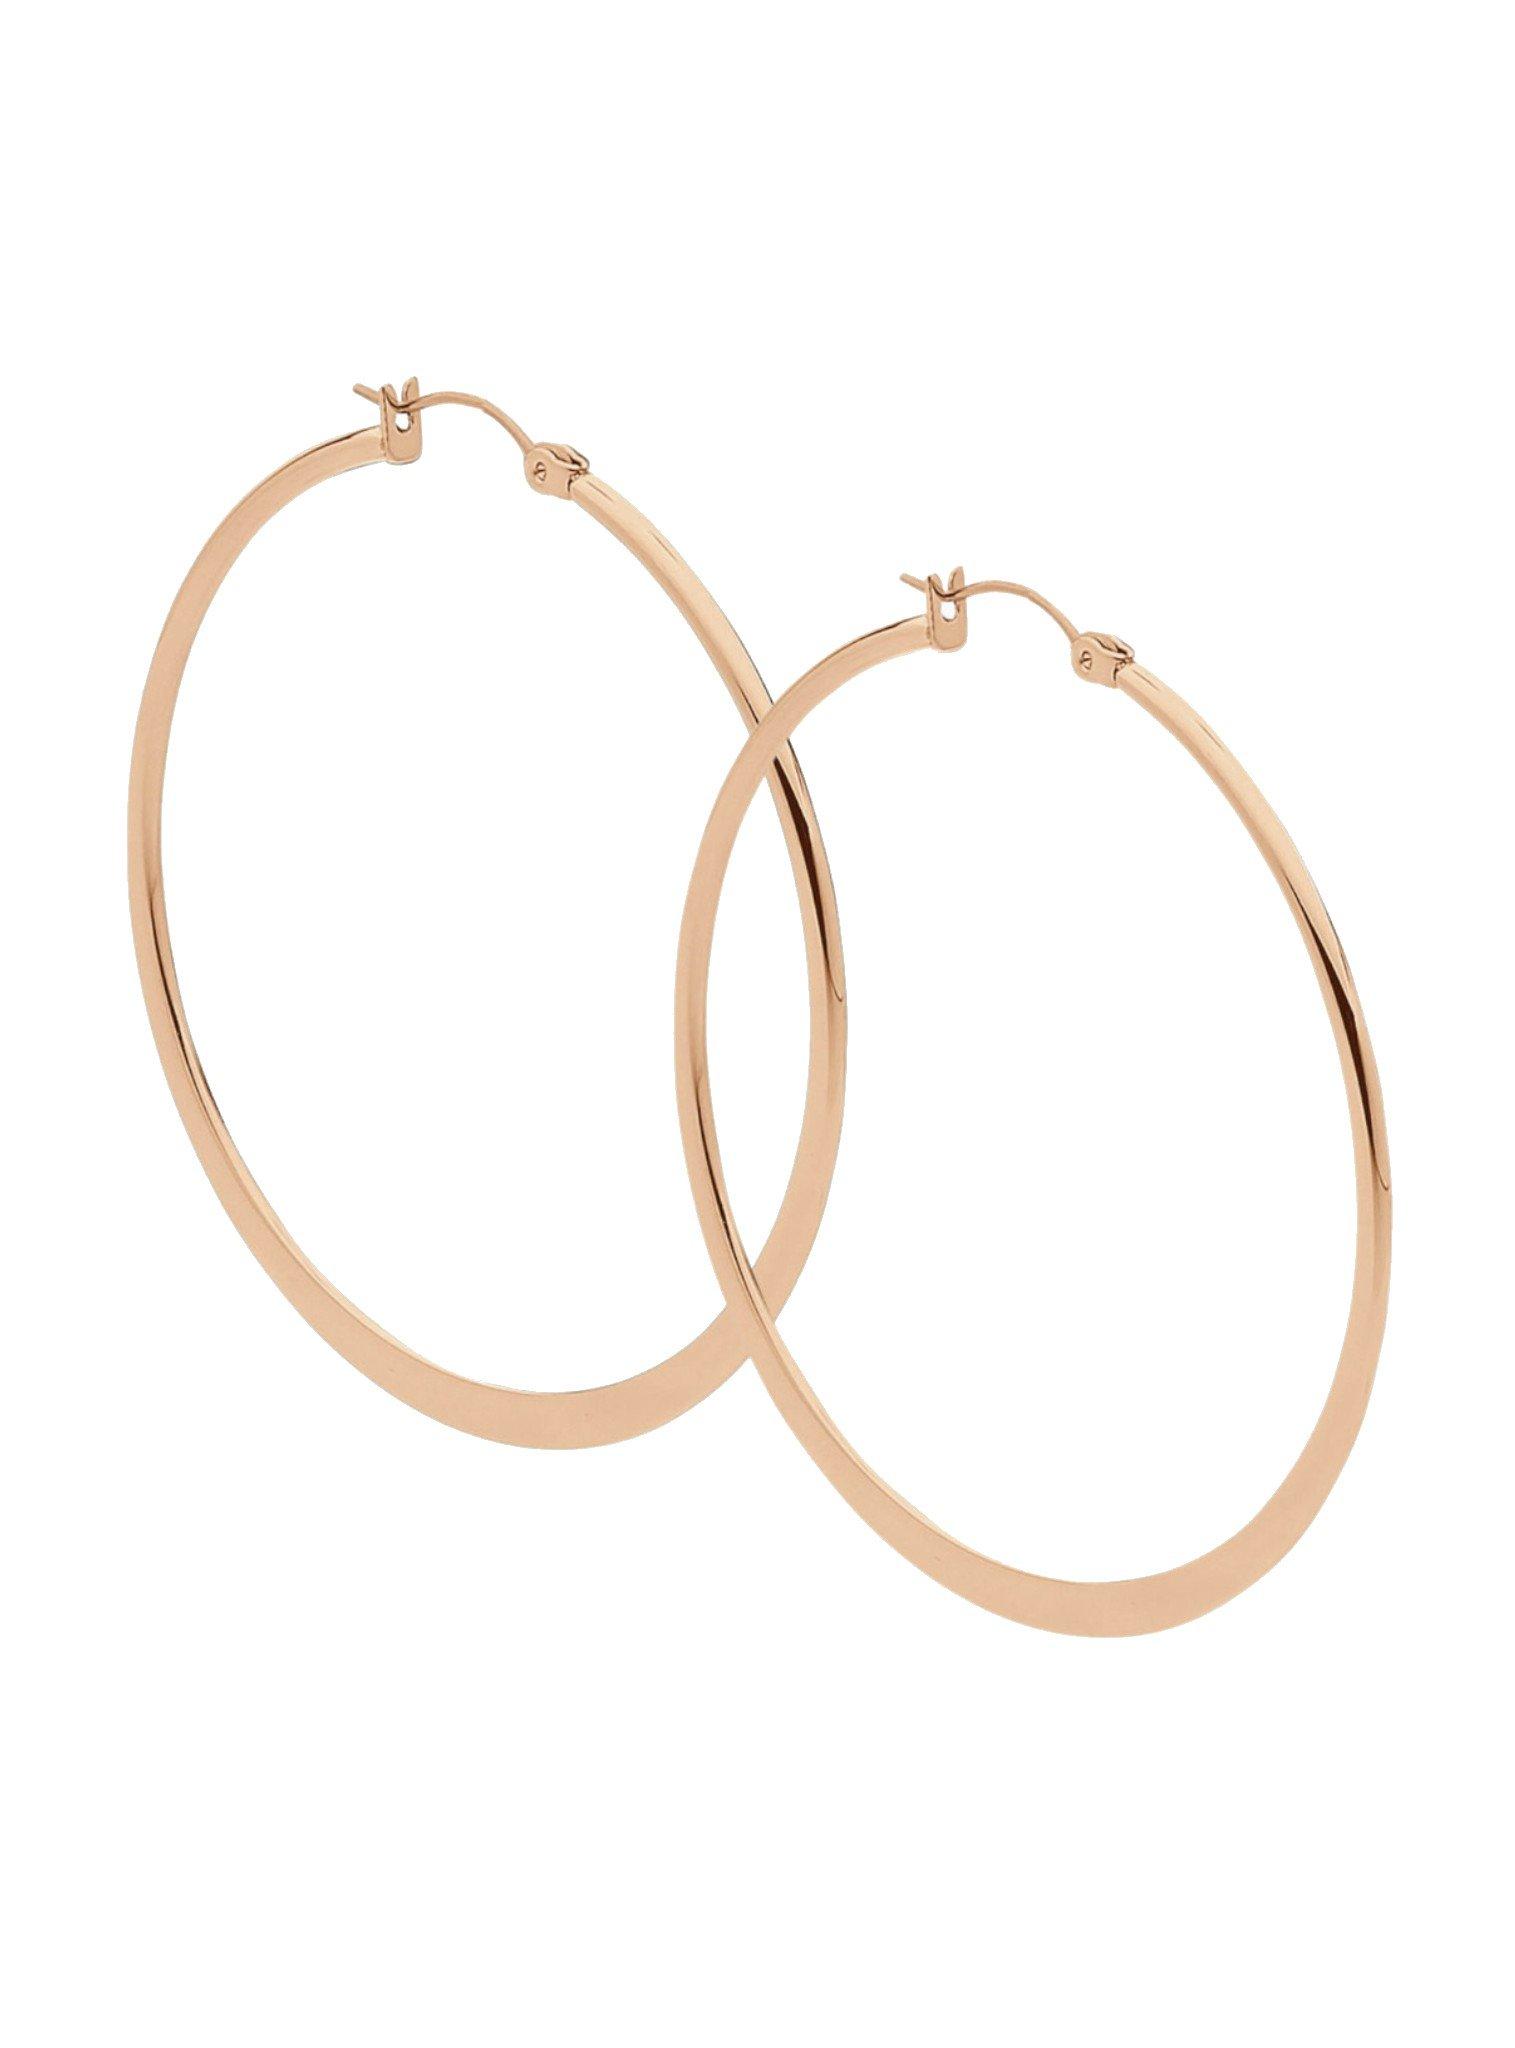 Large Hoop Earrings in Rose Gold Stainless Steel